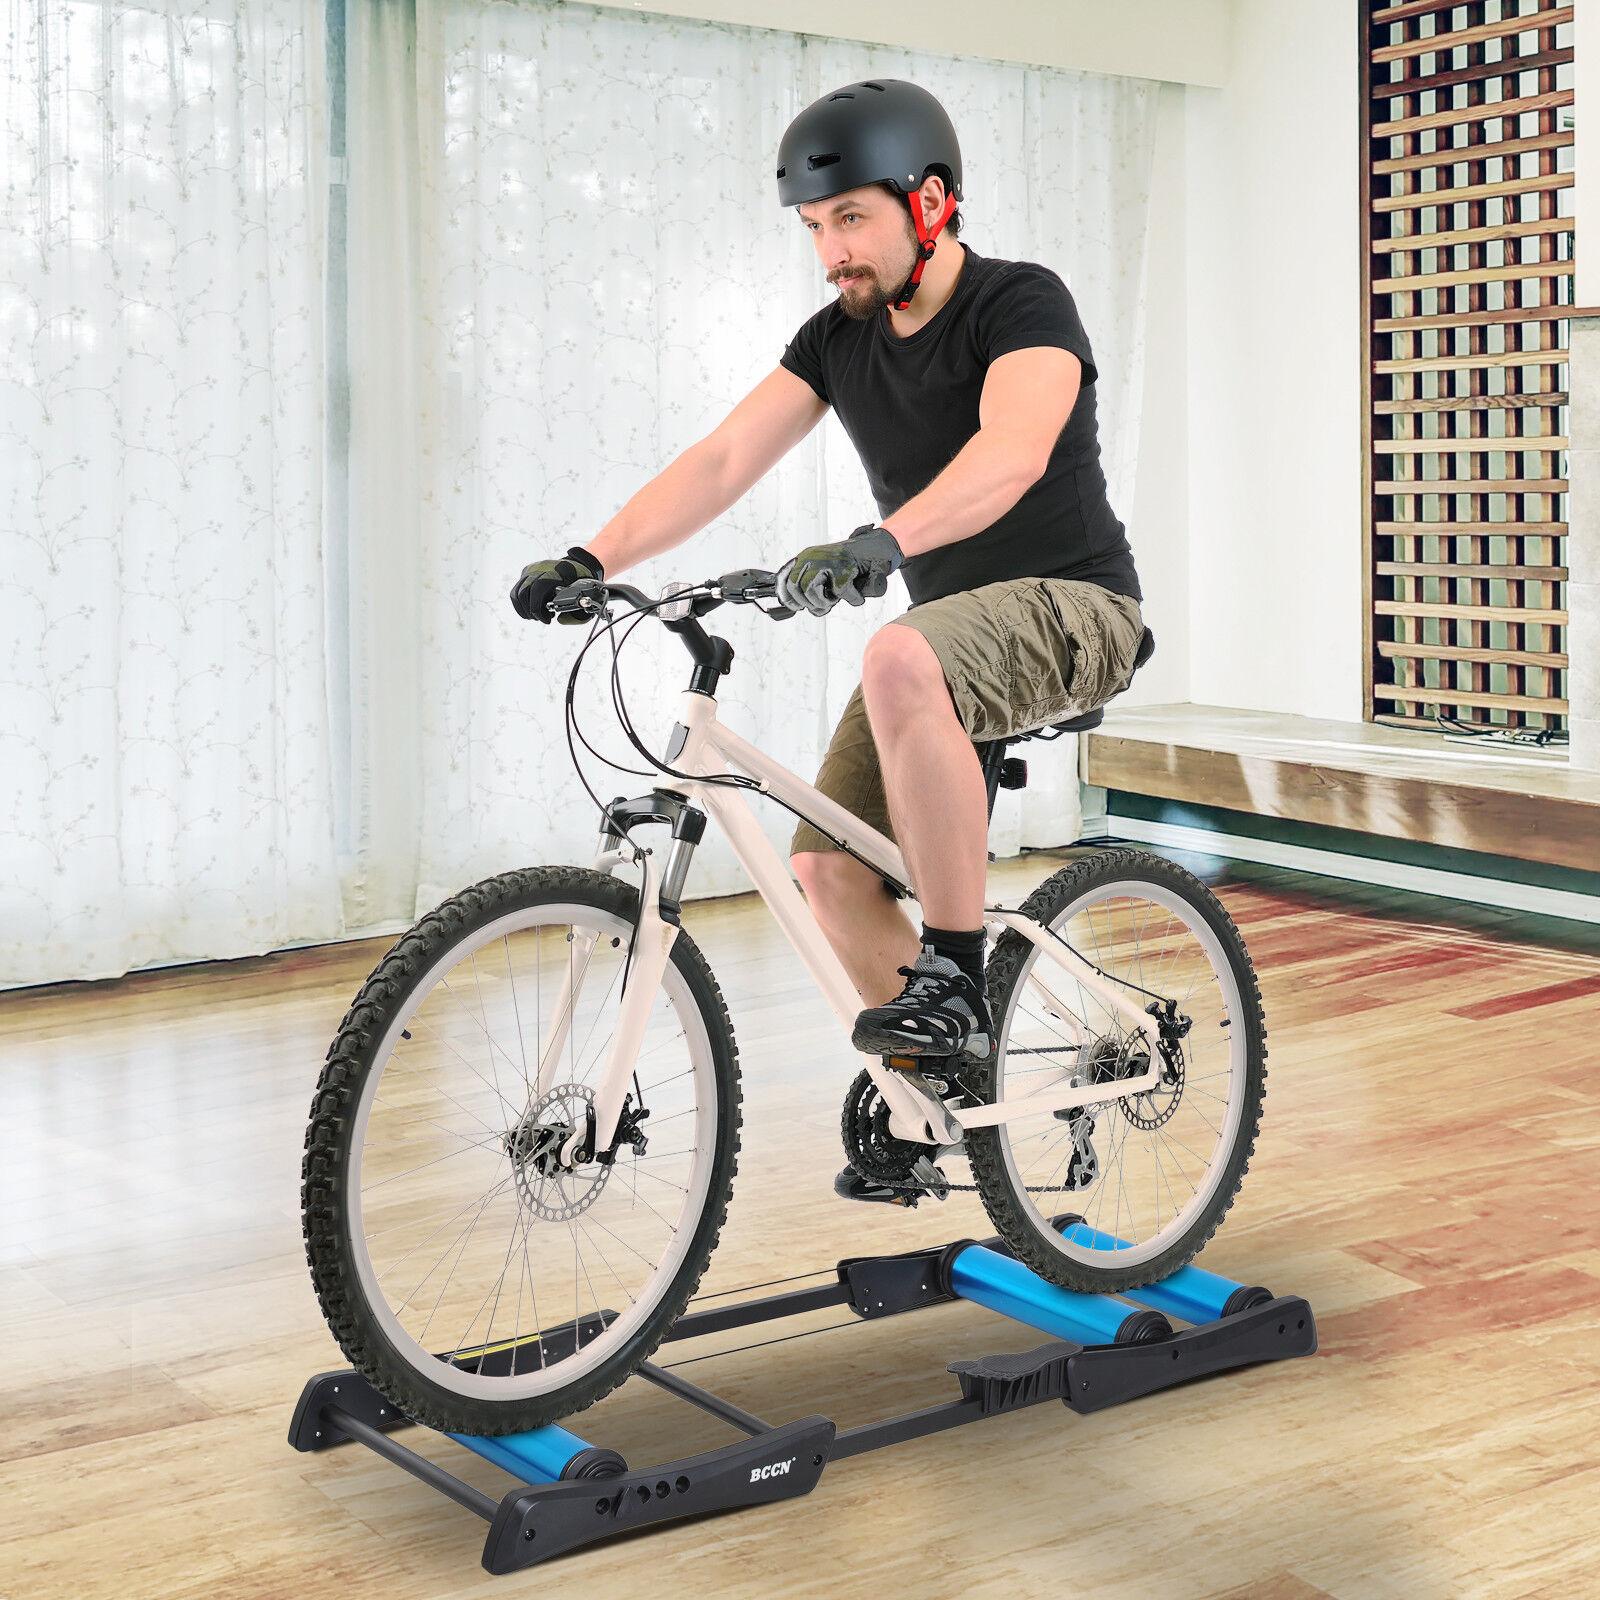 Rodillo de Ciclismo Plegable y Ajustable Rodillo de de de Entrenamiento para Bicicleta  precios bajos